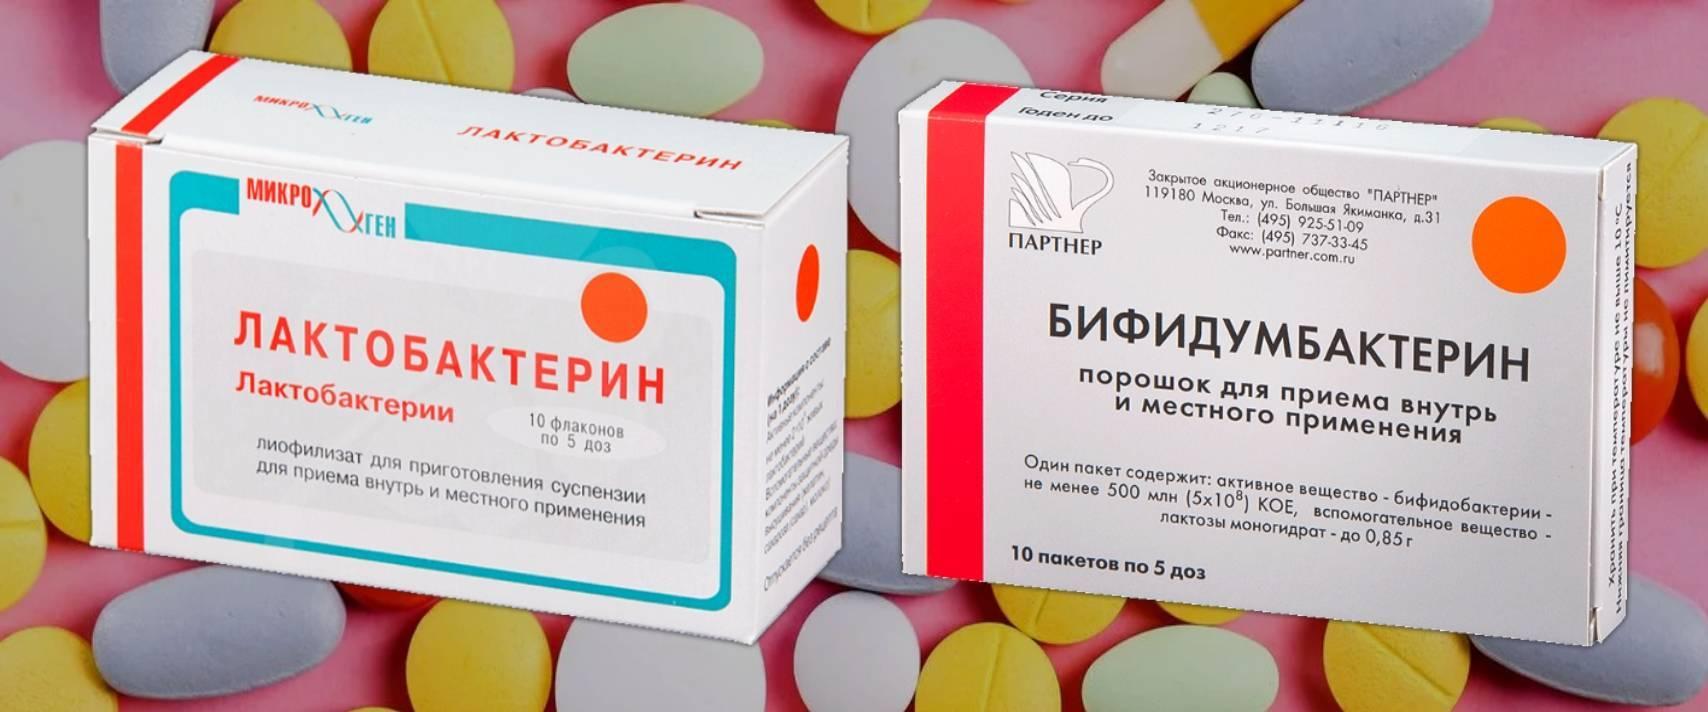 Лактобактерин — инструкция по применению, описание, вопросы по препарату